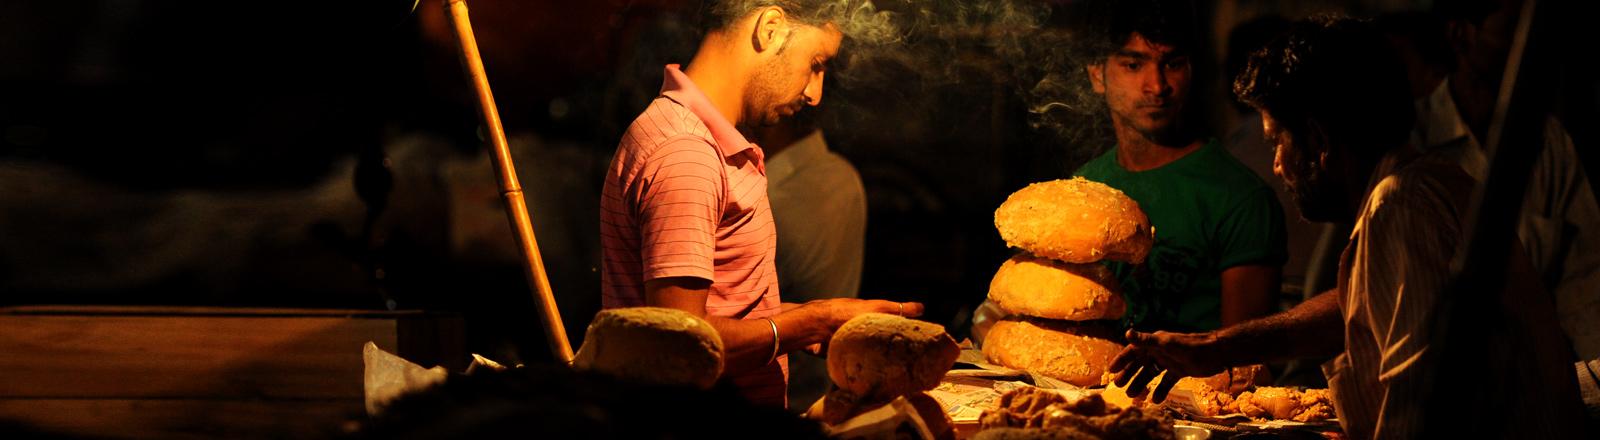 Street-Food-Händler in Indien.